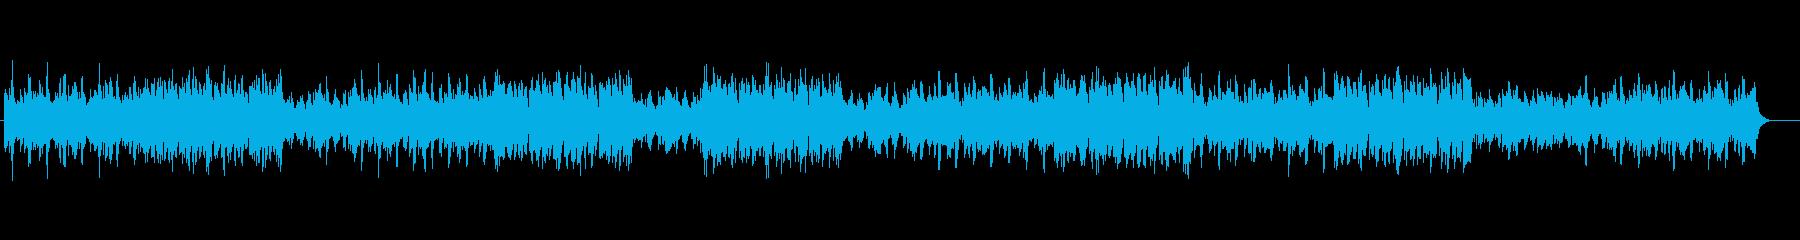 明るい雰囲気のストリングスポップの再生済みの波形